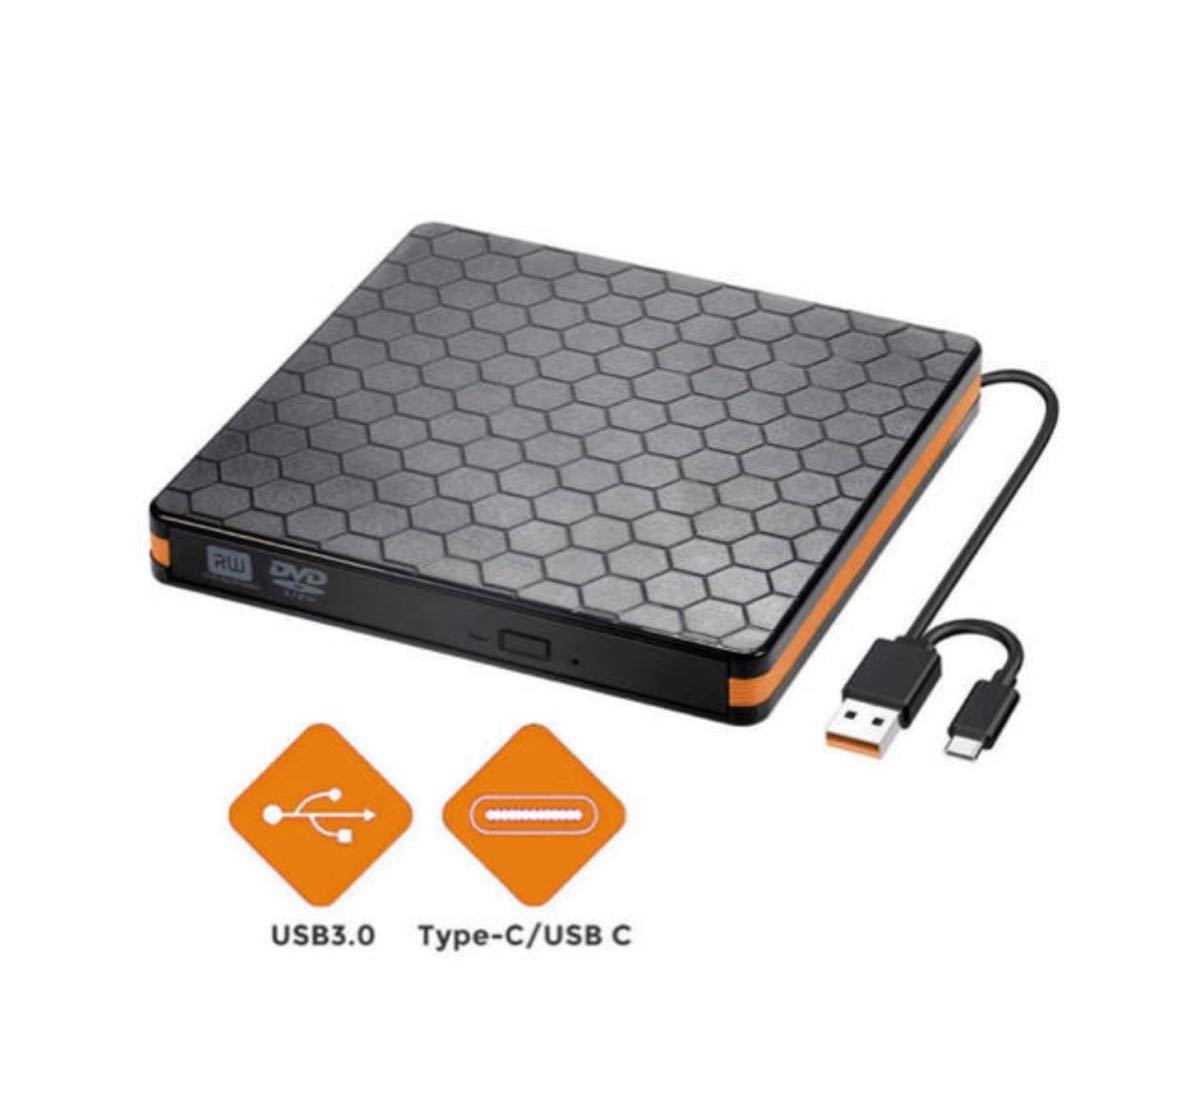 USB3.0 Type C 外付け DVD ドライブ 薄型